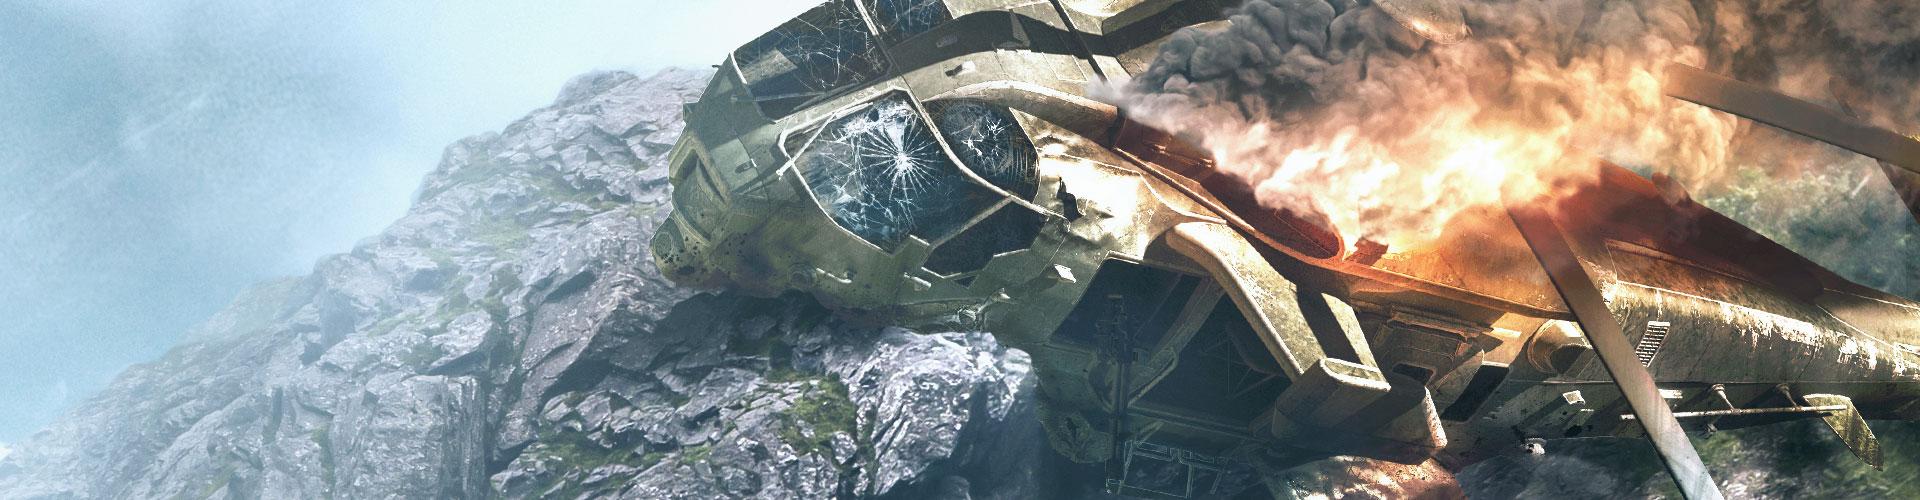 Achtergrond van gecrashte helikopter in de bergen